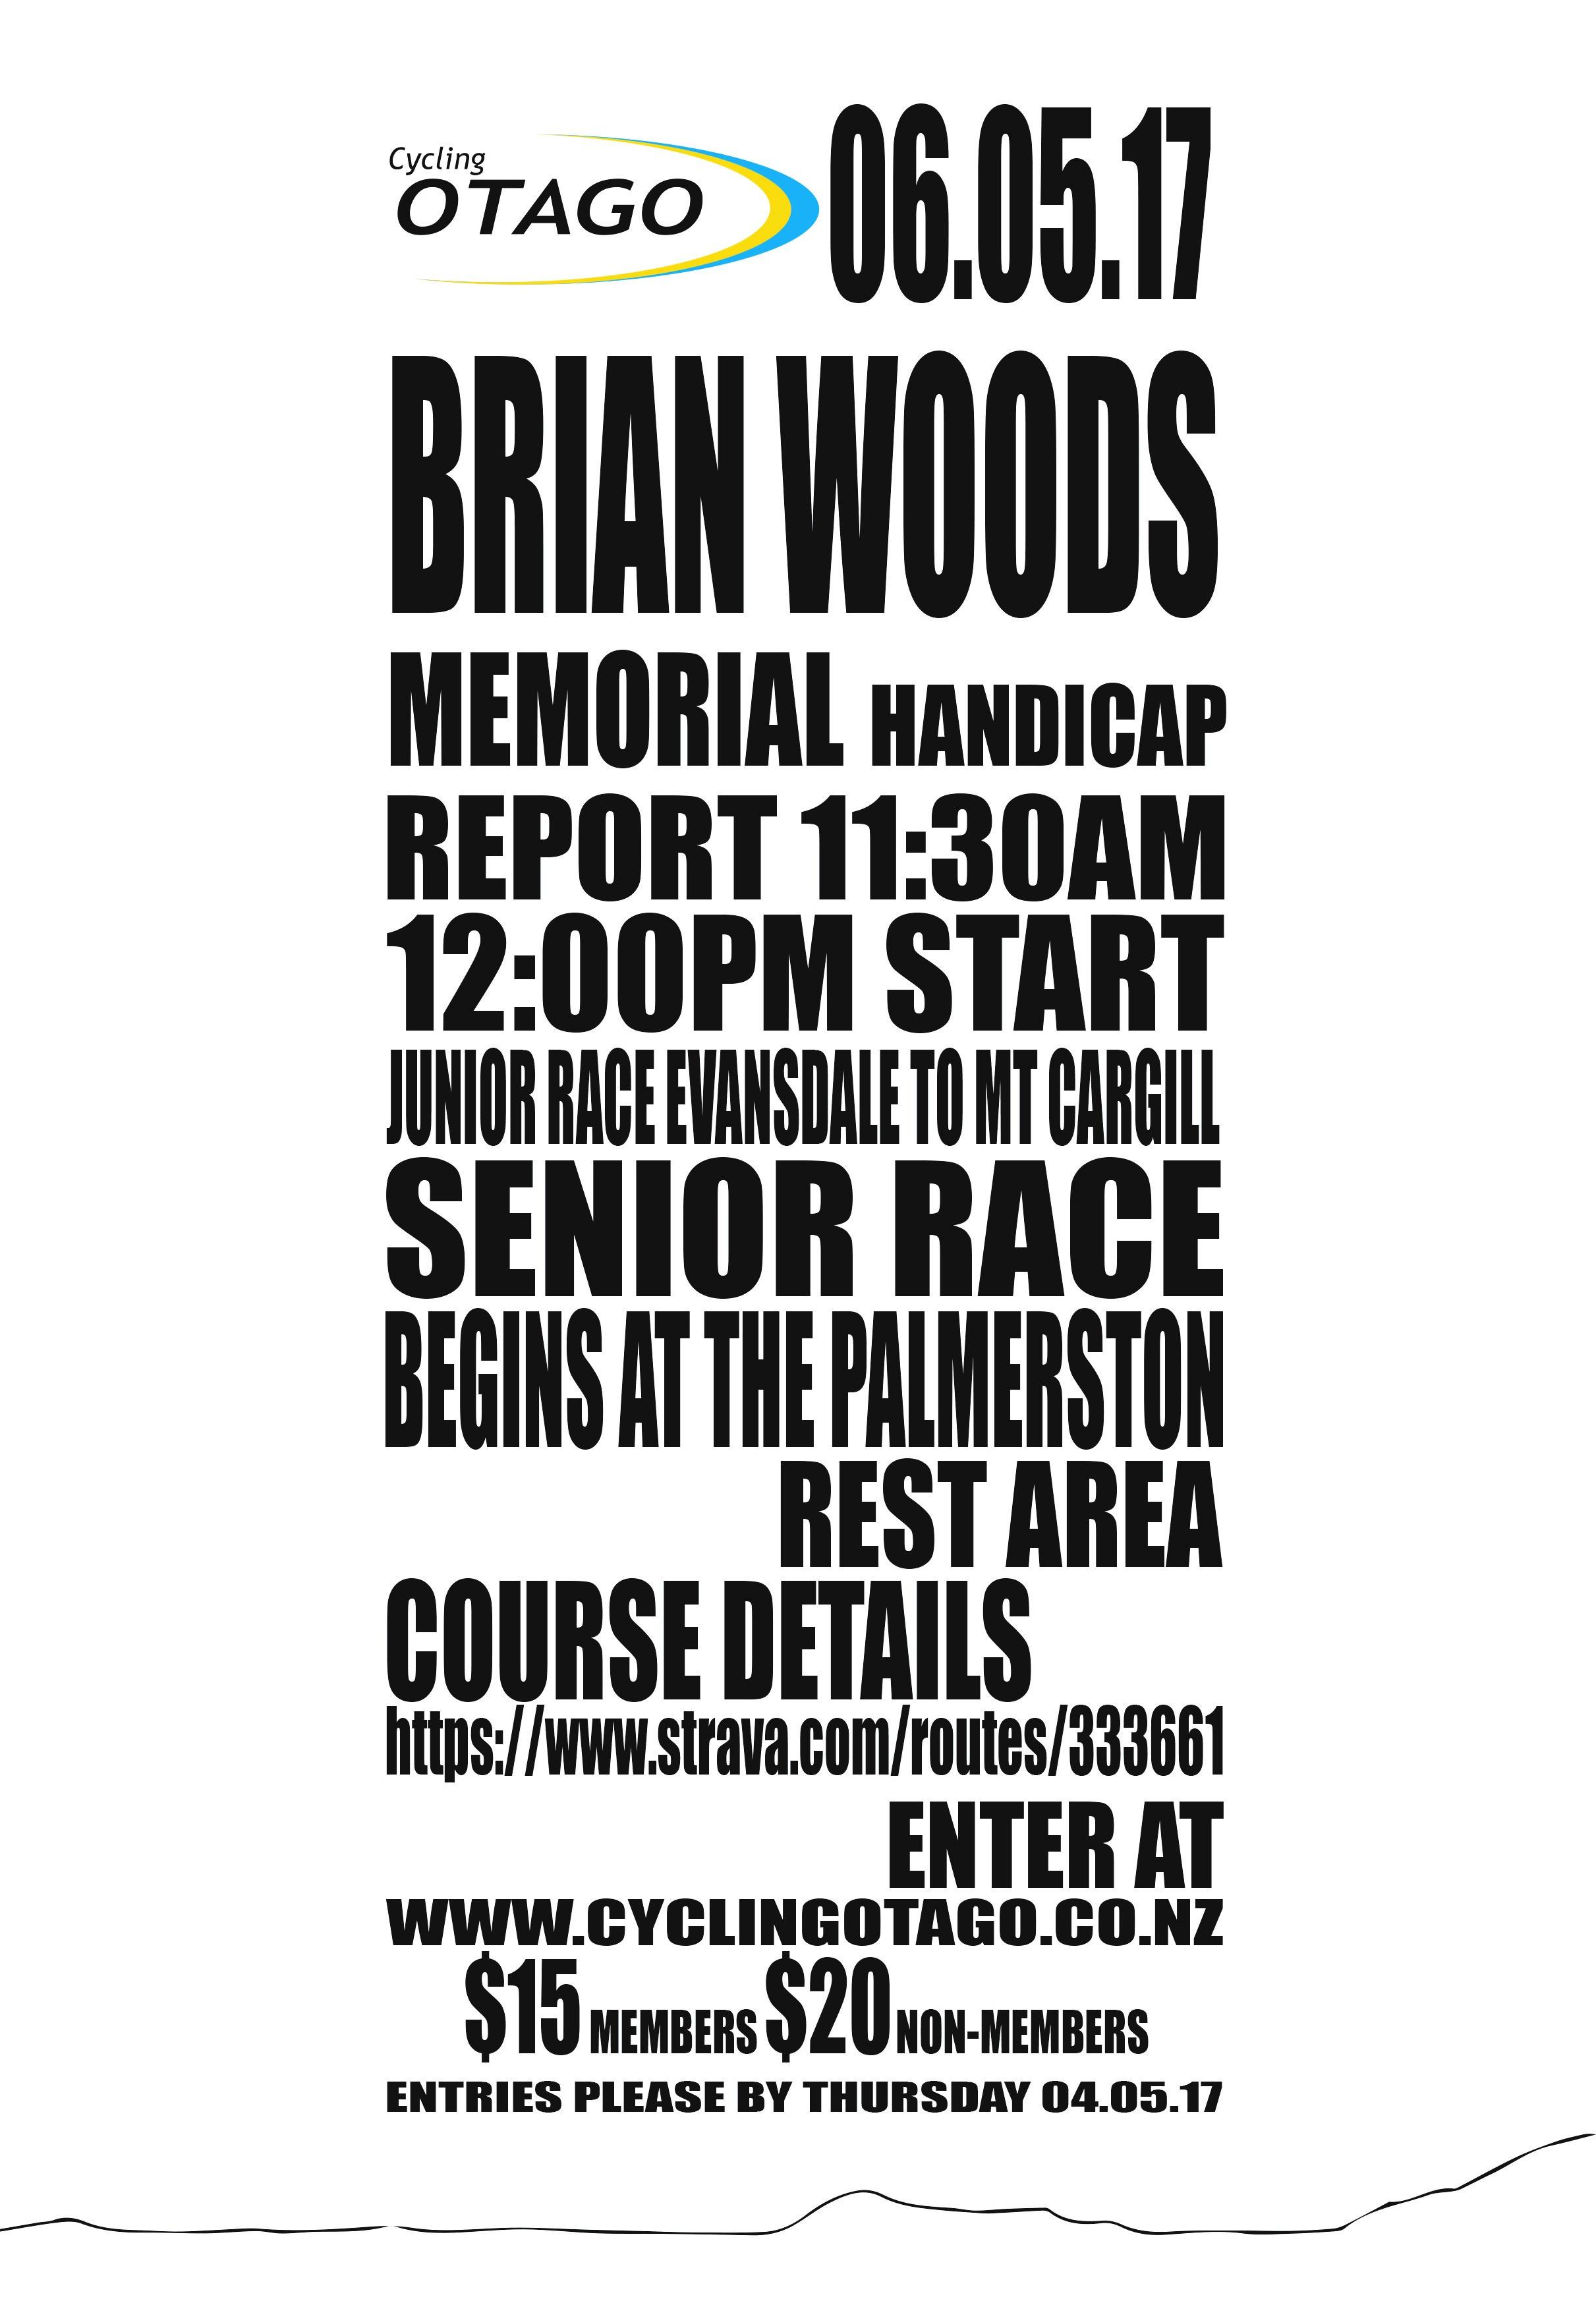 Brian Woods Memorial